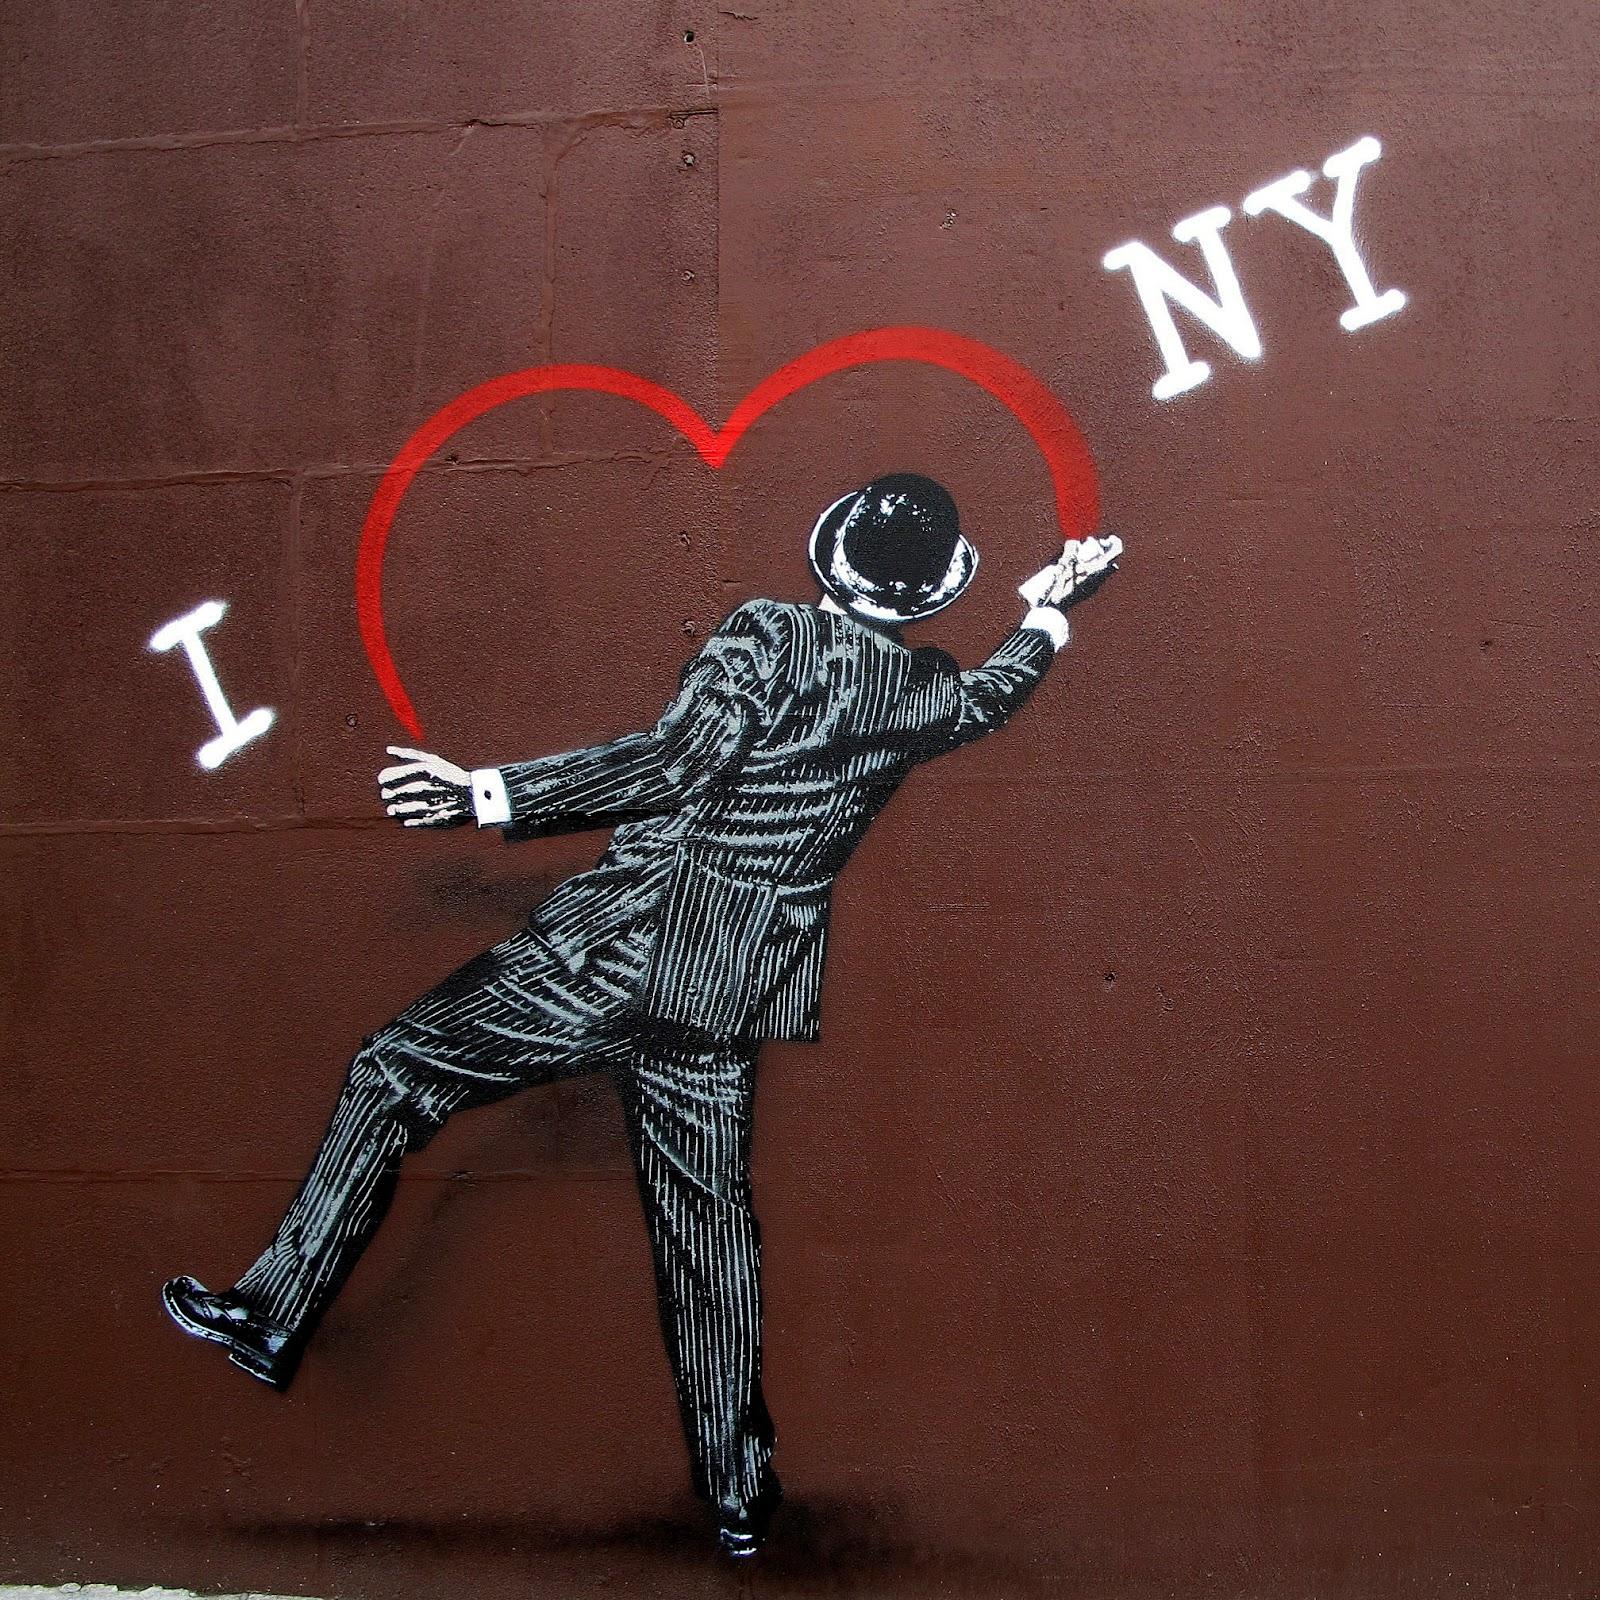 http://4.bp.blogspot.com/-Z7Uswi4Qd4c/T8hxrNmnVTI/AAAAAAAAQf8/183NjEk31QA/s1600/streetartnews_nickwalker_nyc.jpg